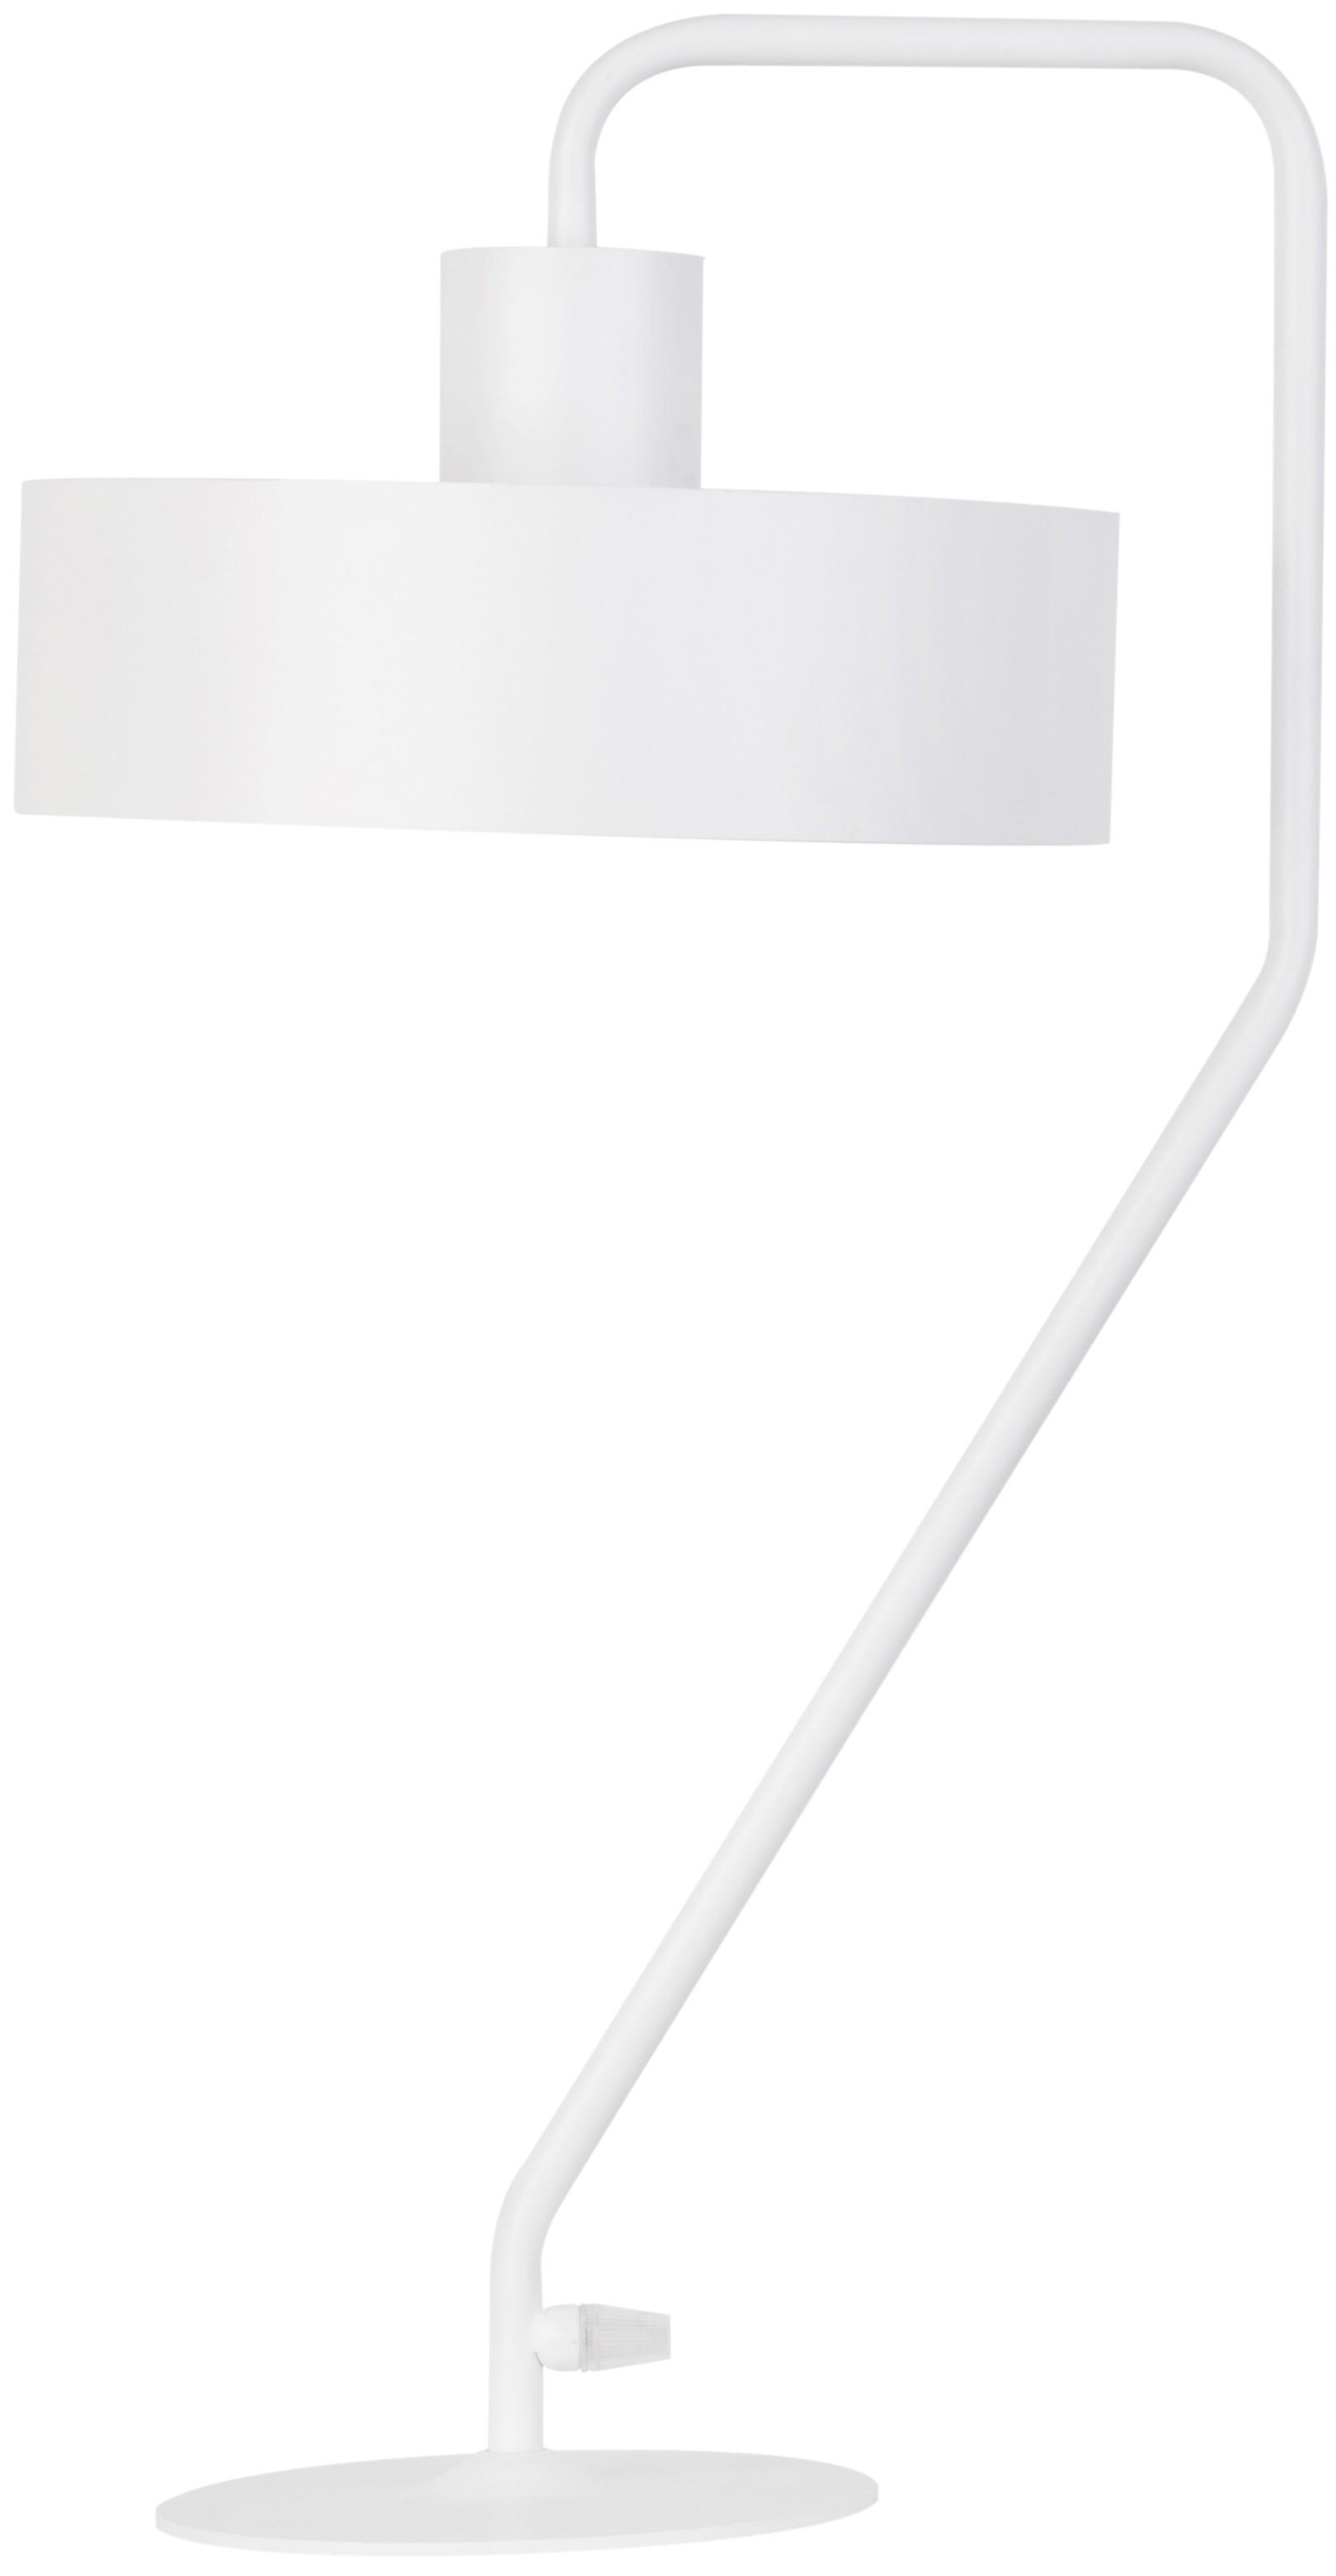 Lampka metalowa nowoczesna Vasco biała 50119 - Sigma Do -17% rabatu w koszyku i darmowa dostawa od 299zł !